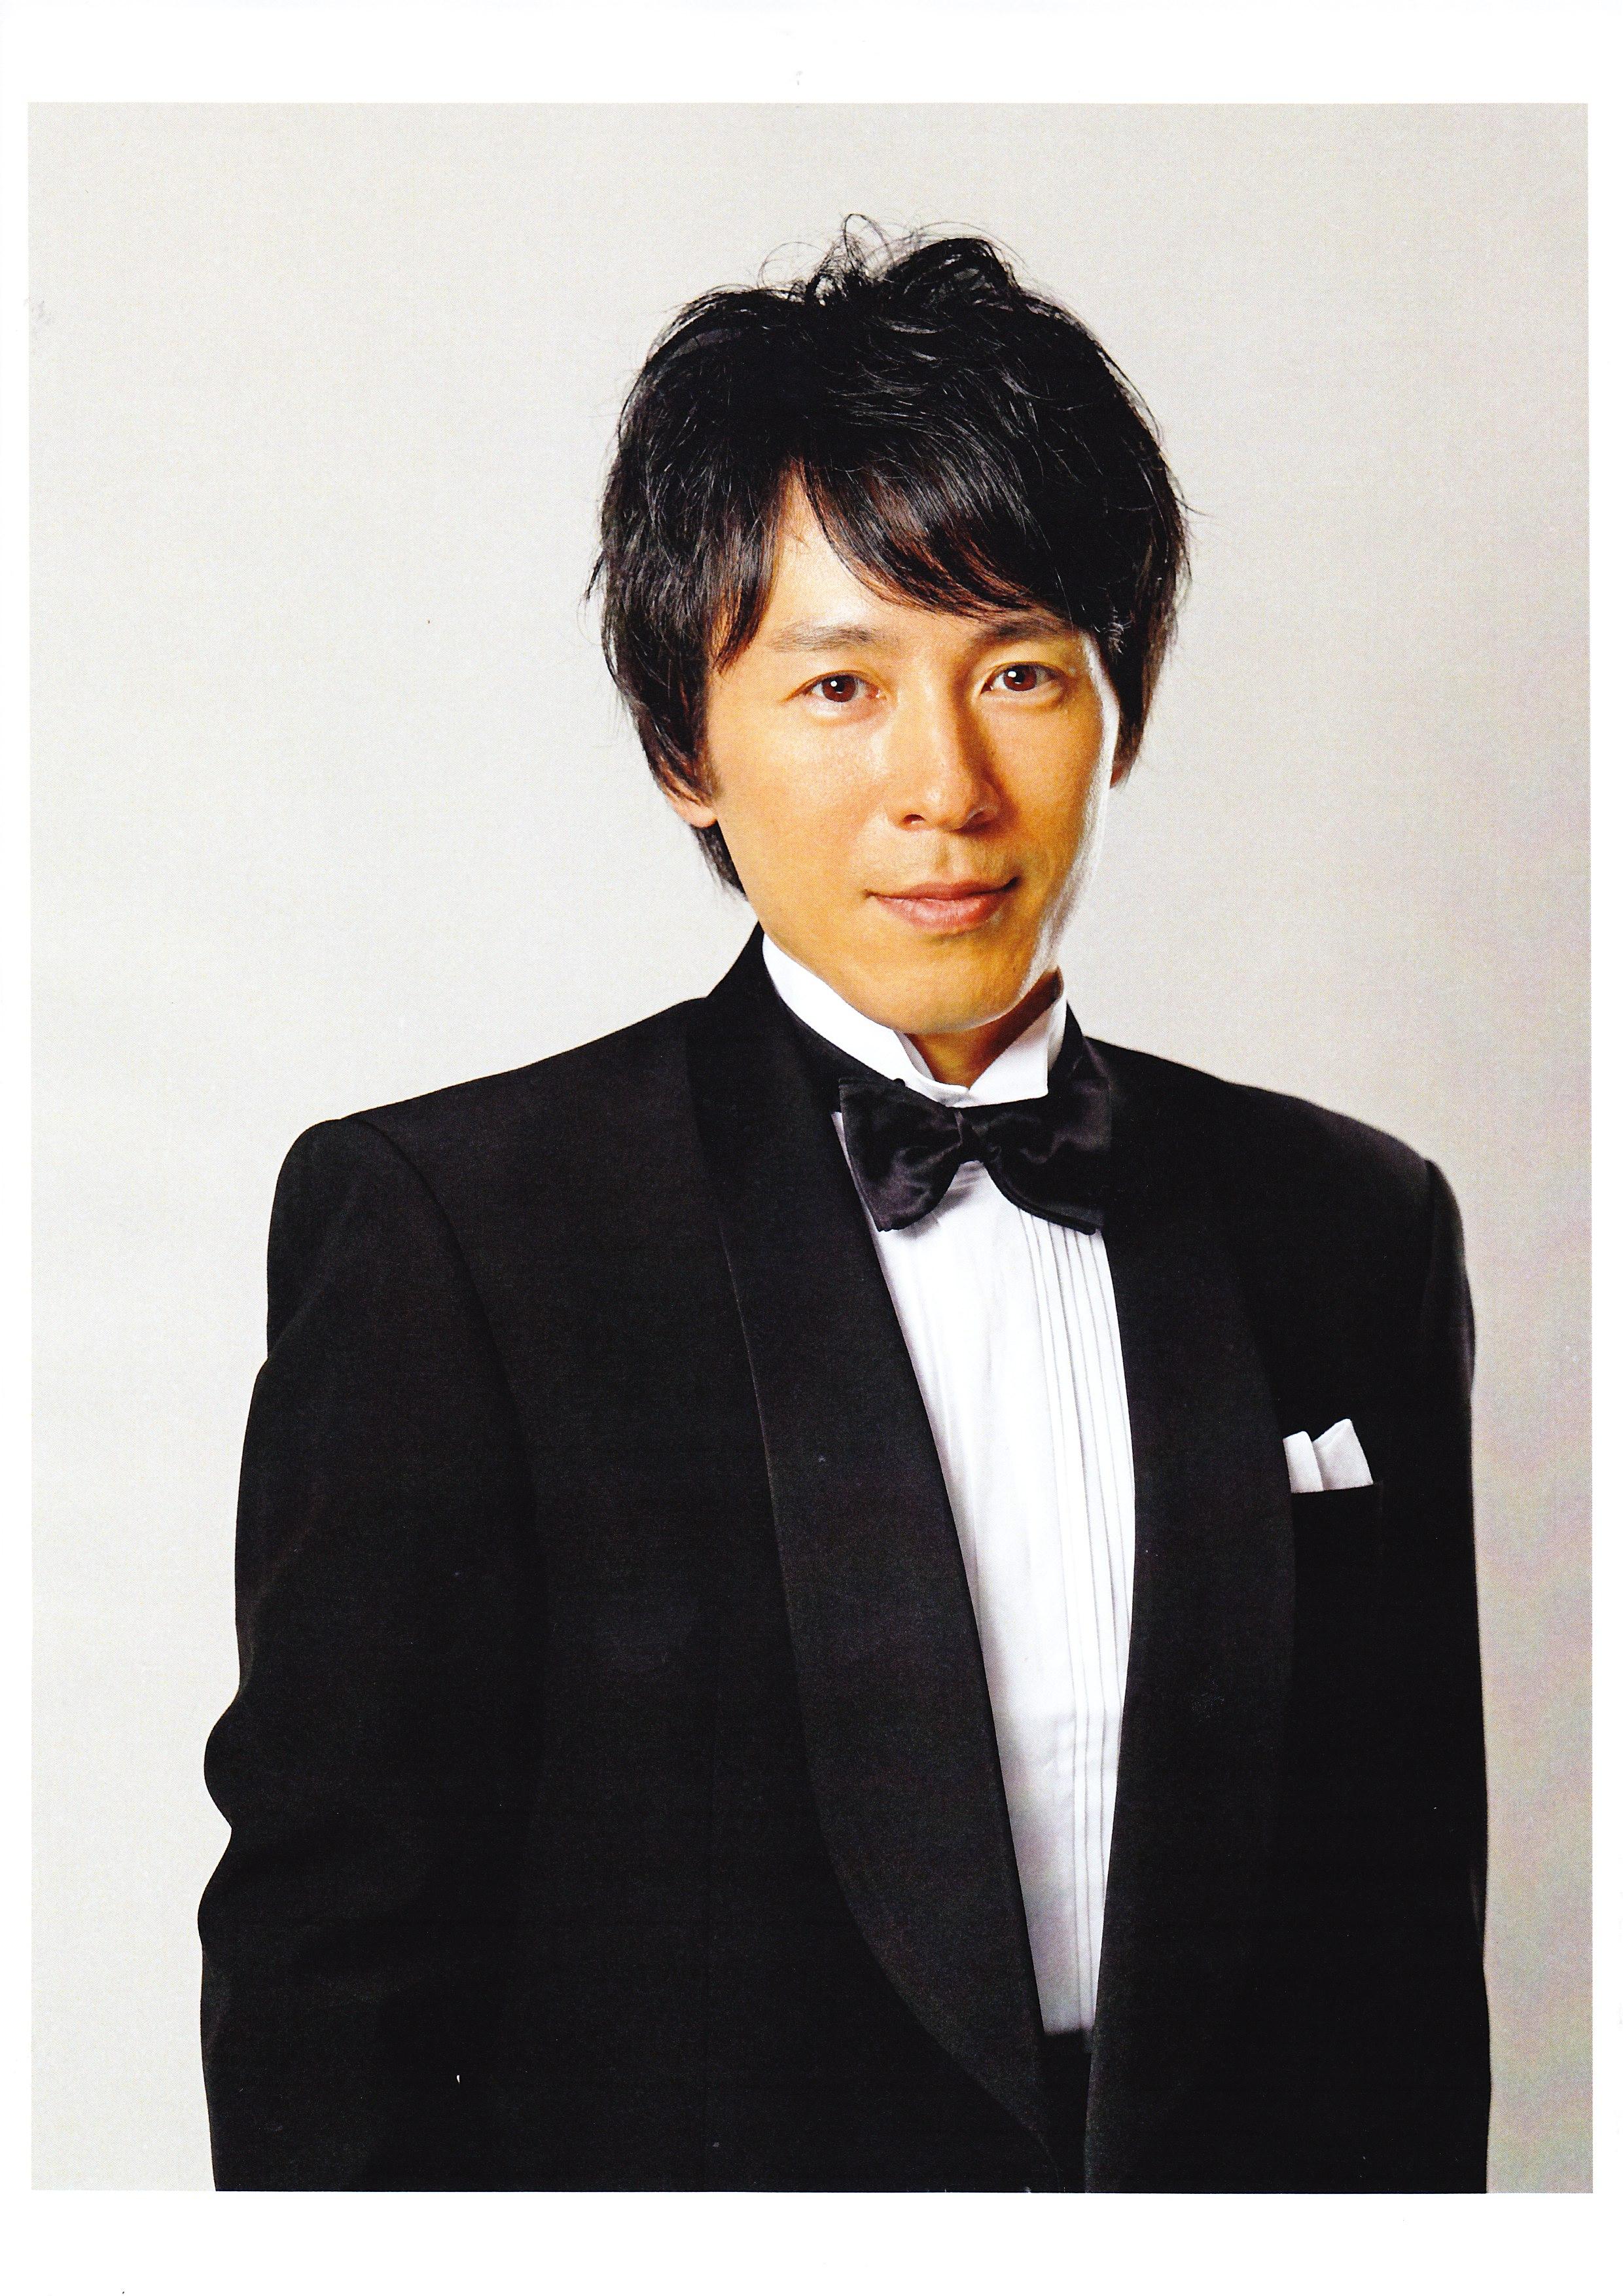 写真:NPO法人 札幌室内歌劇場メンバー 安田哲平 (Ten)